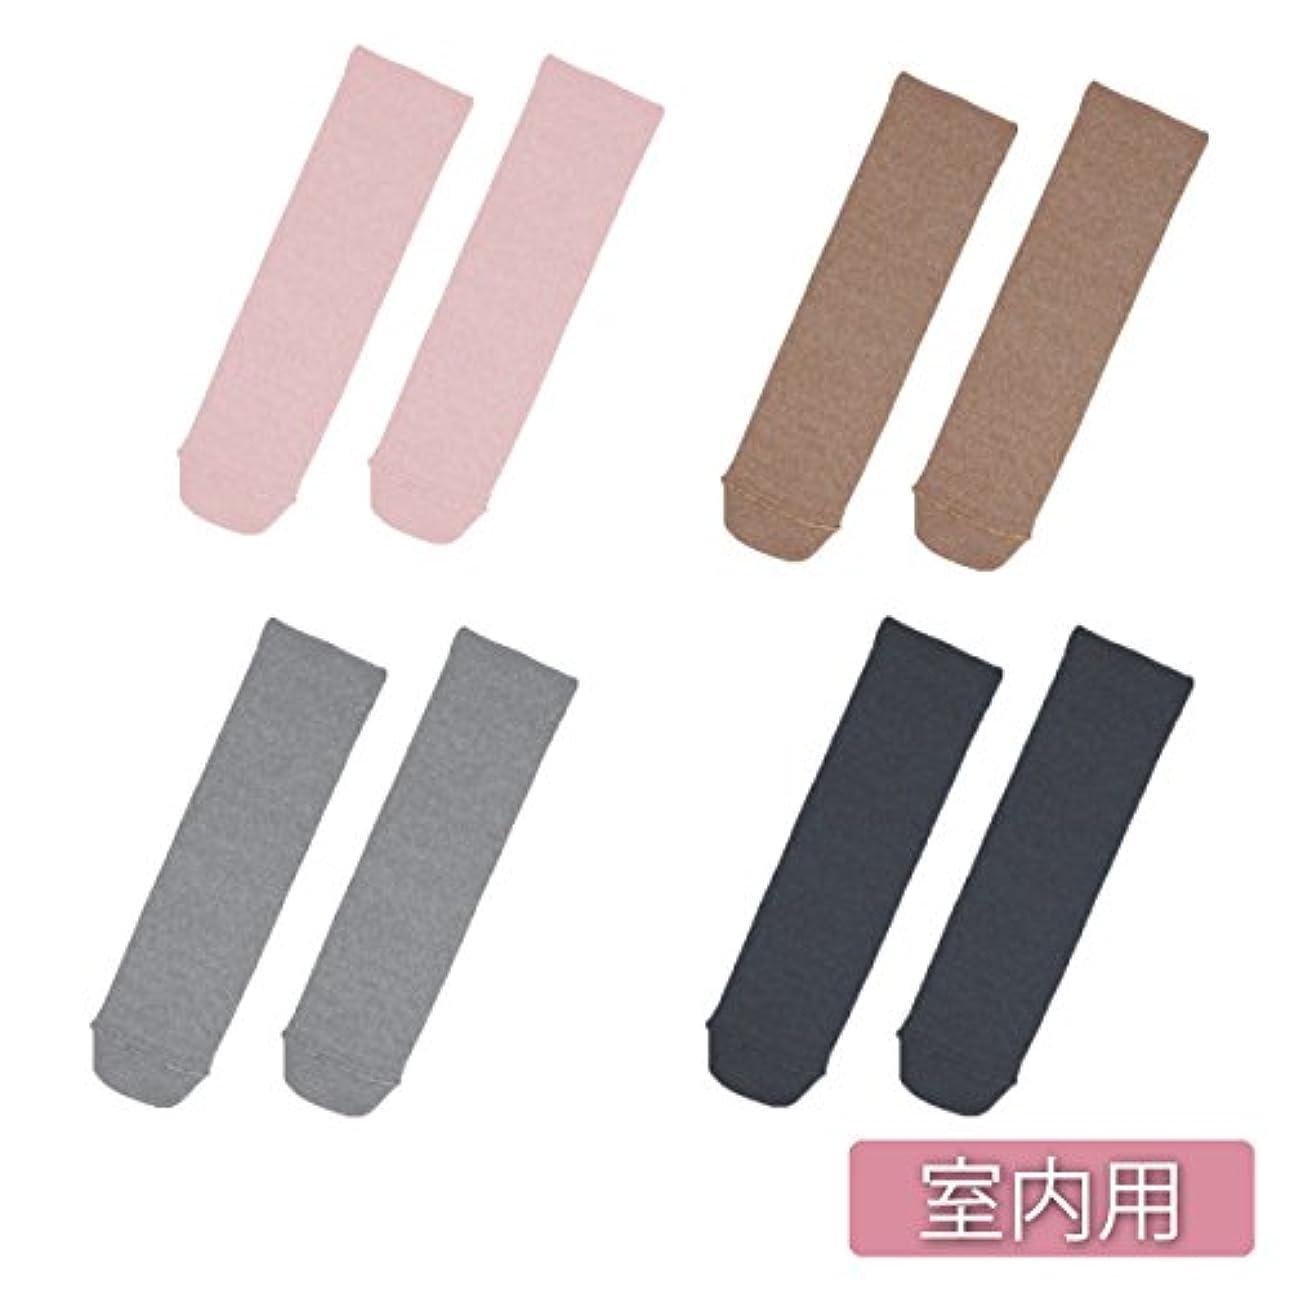 マトロン作る合わせてあゆみ靴下 のびのび 4302(ピンク)